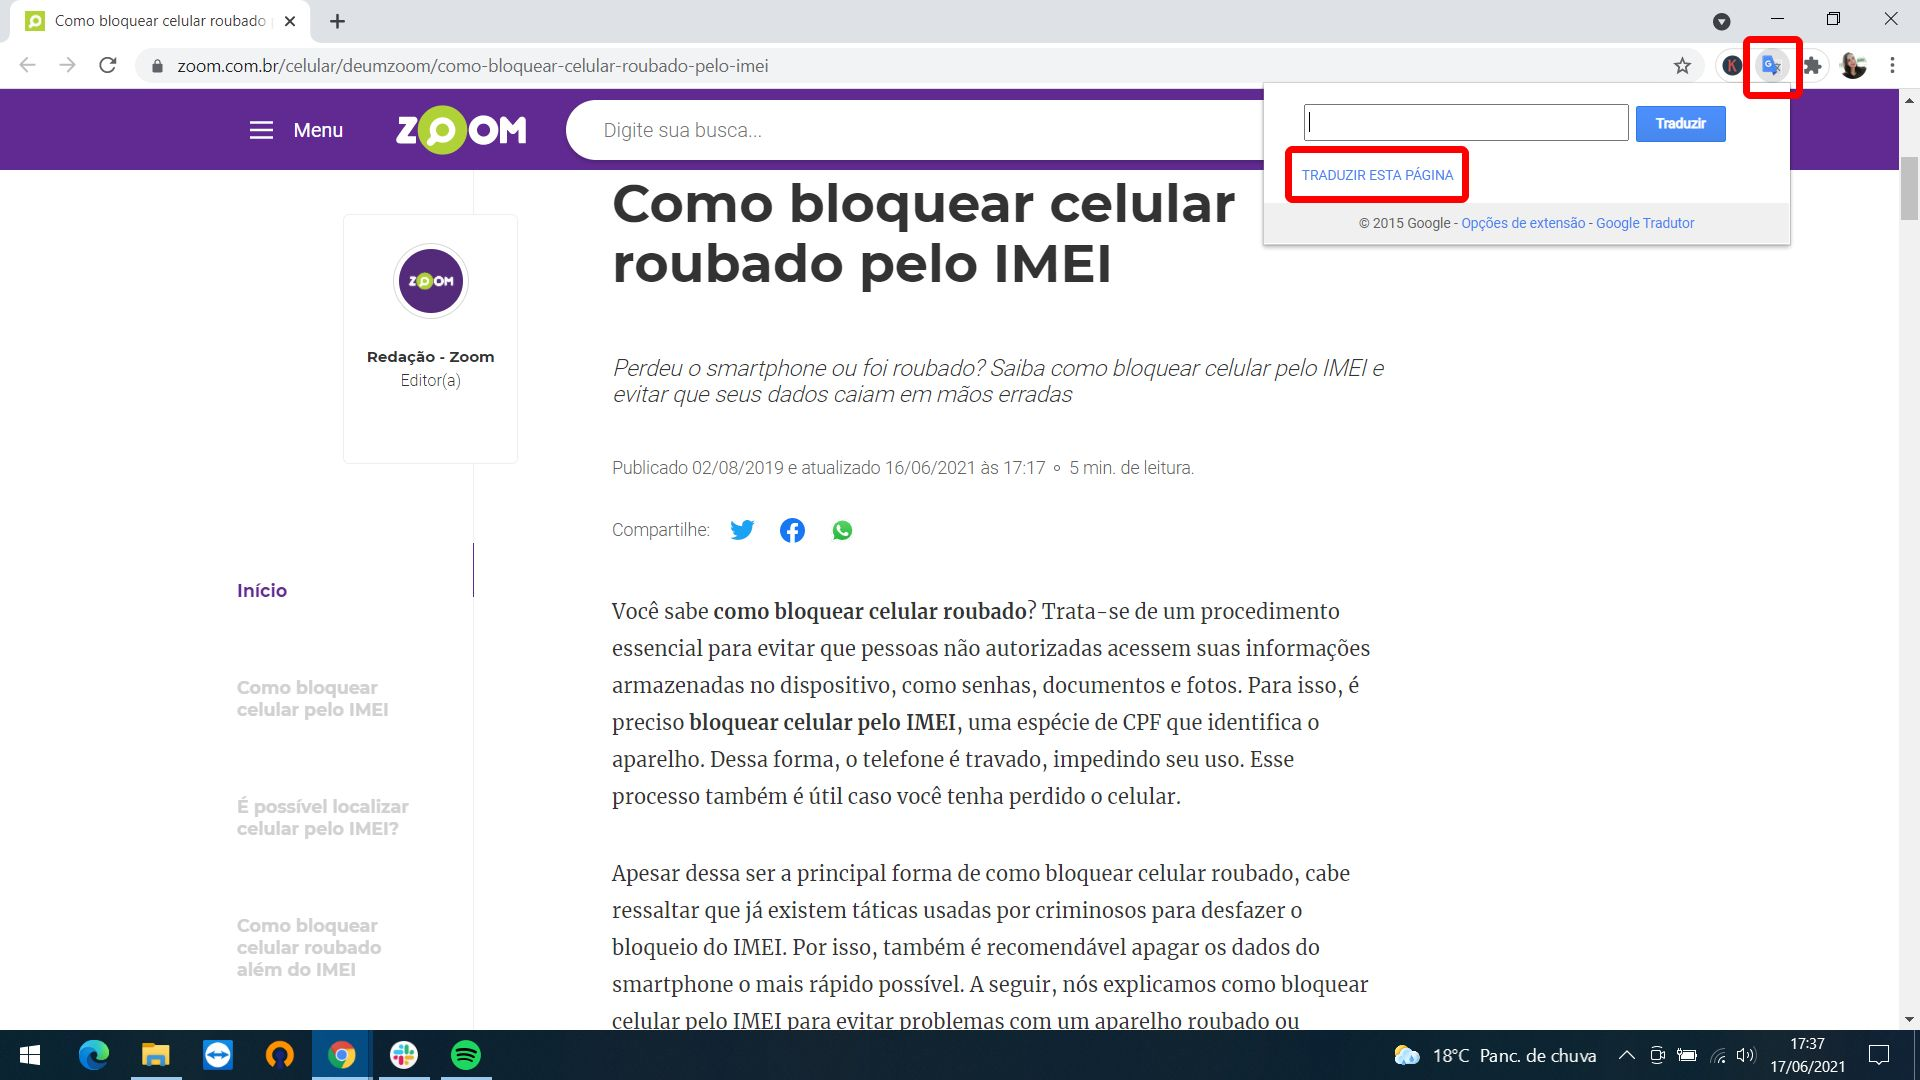 Extensão do Google Tradutor permite traduzir qualquer site (Foto: Arte/Zoom)